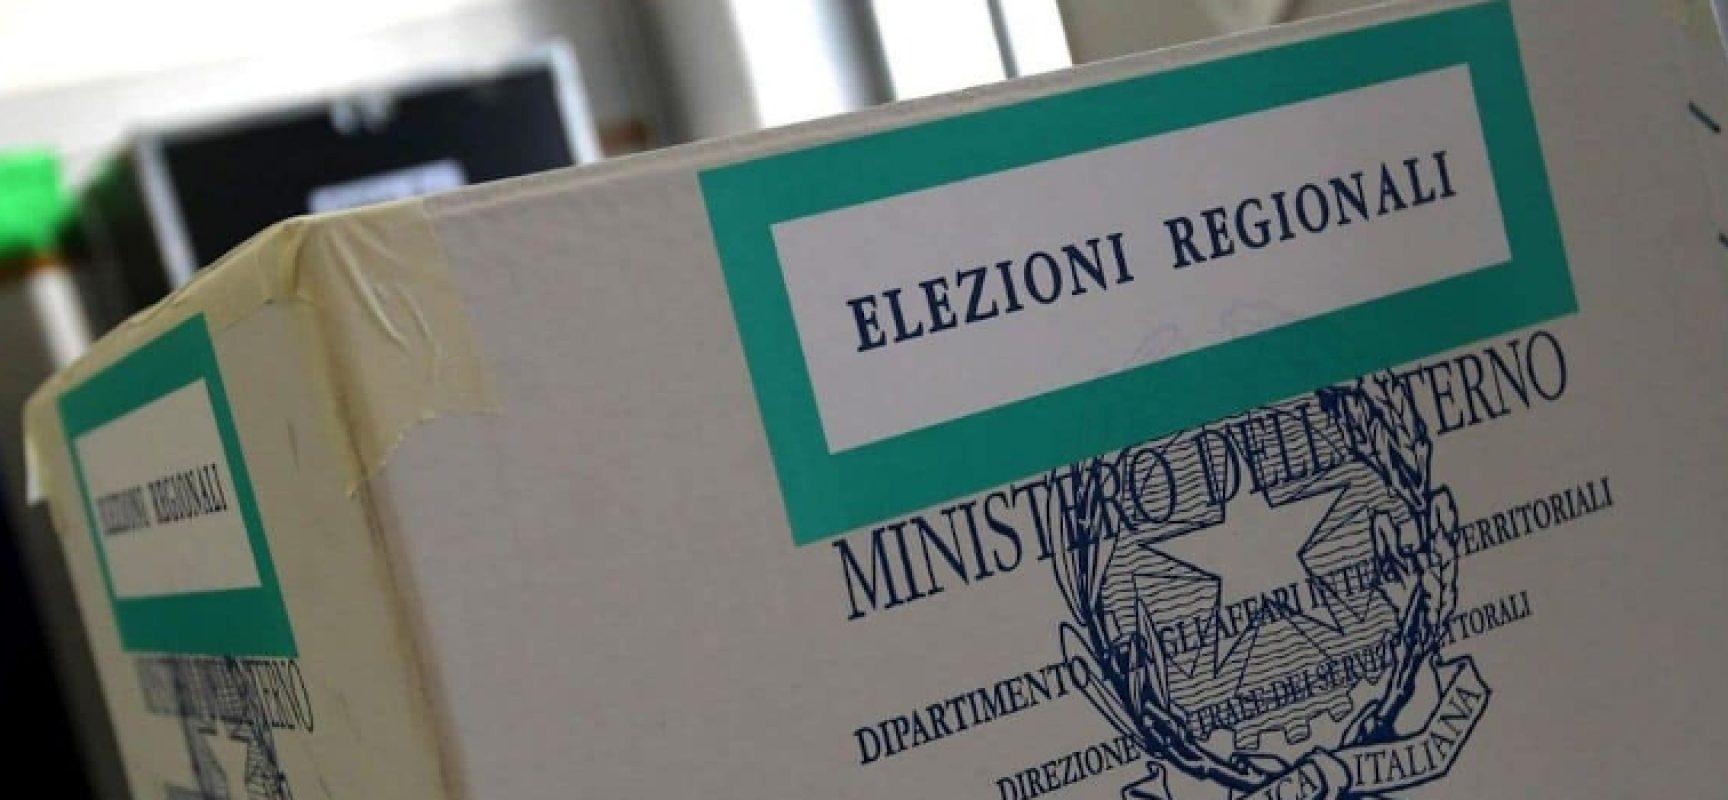 Elezioni Regionali 2020, aggiornamento albo scrutatori fino al 31 gennaio